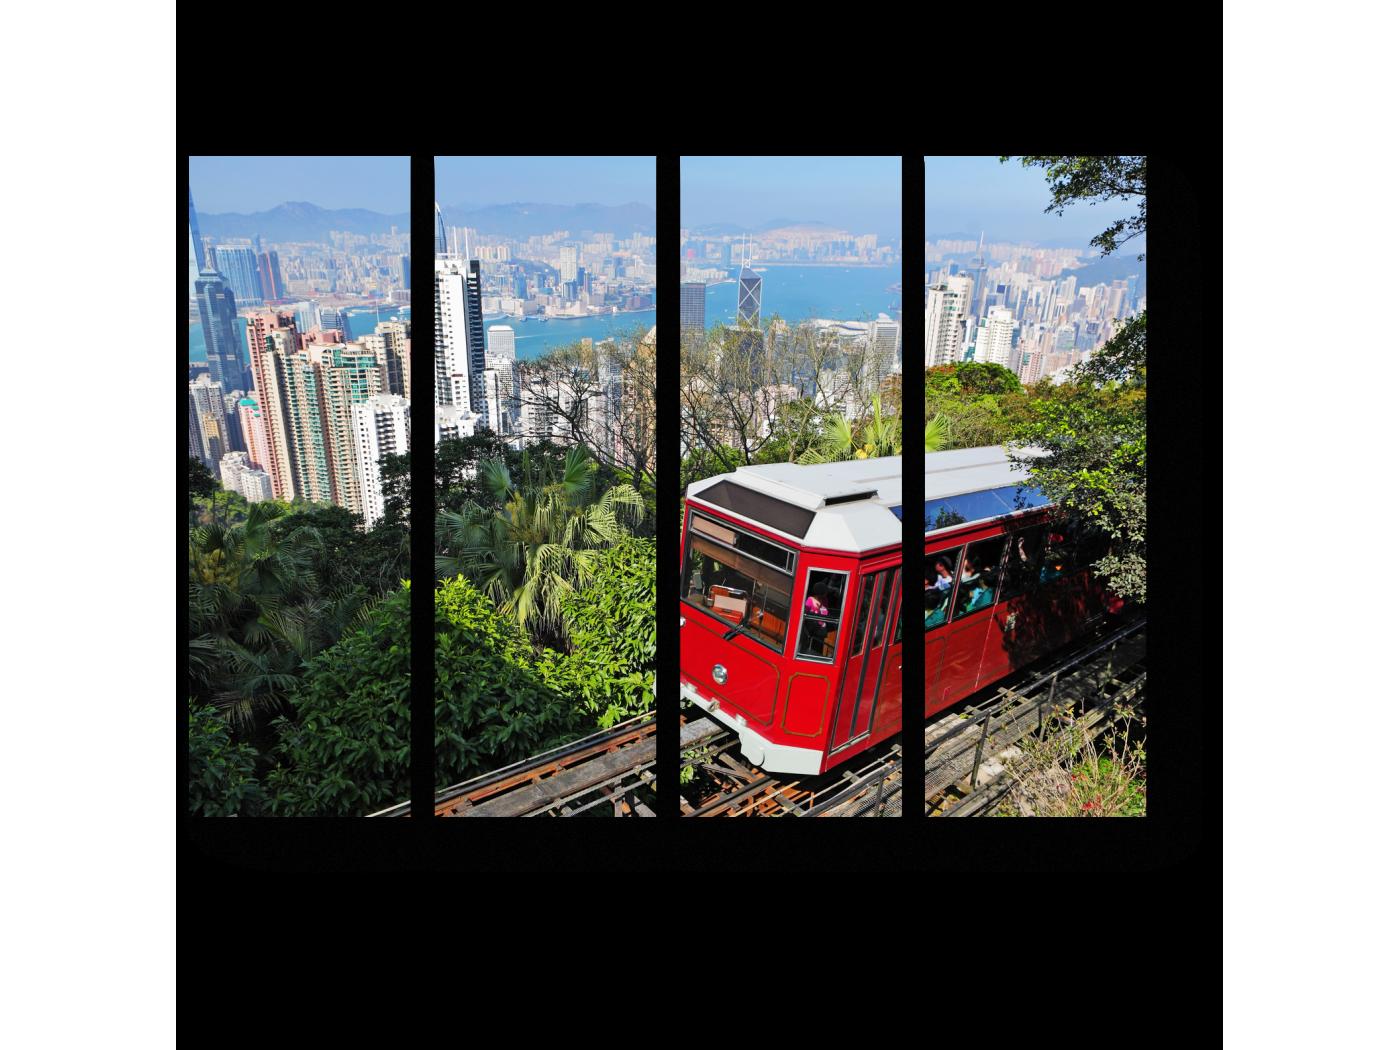 Модульная картина Прогулочный трамвайчик в Гонконге (60x45) фото